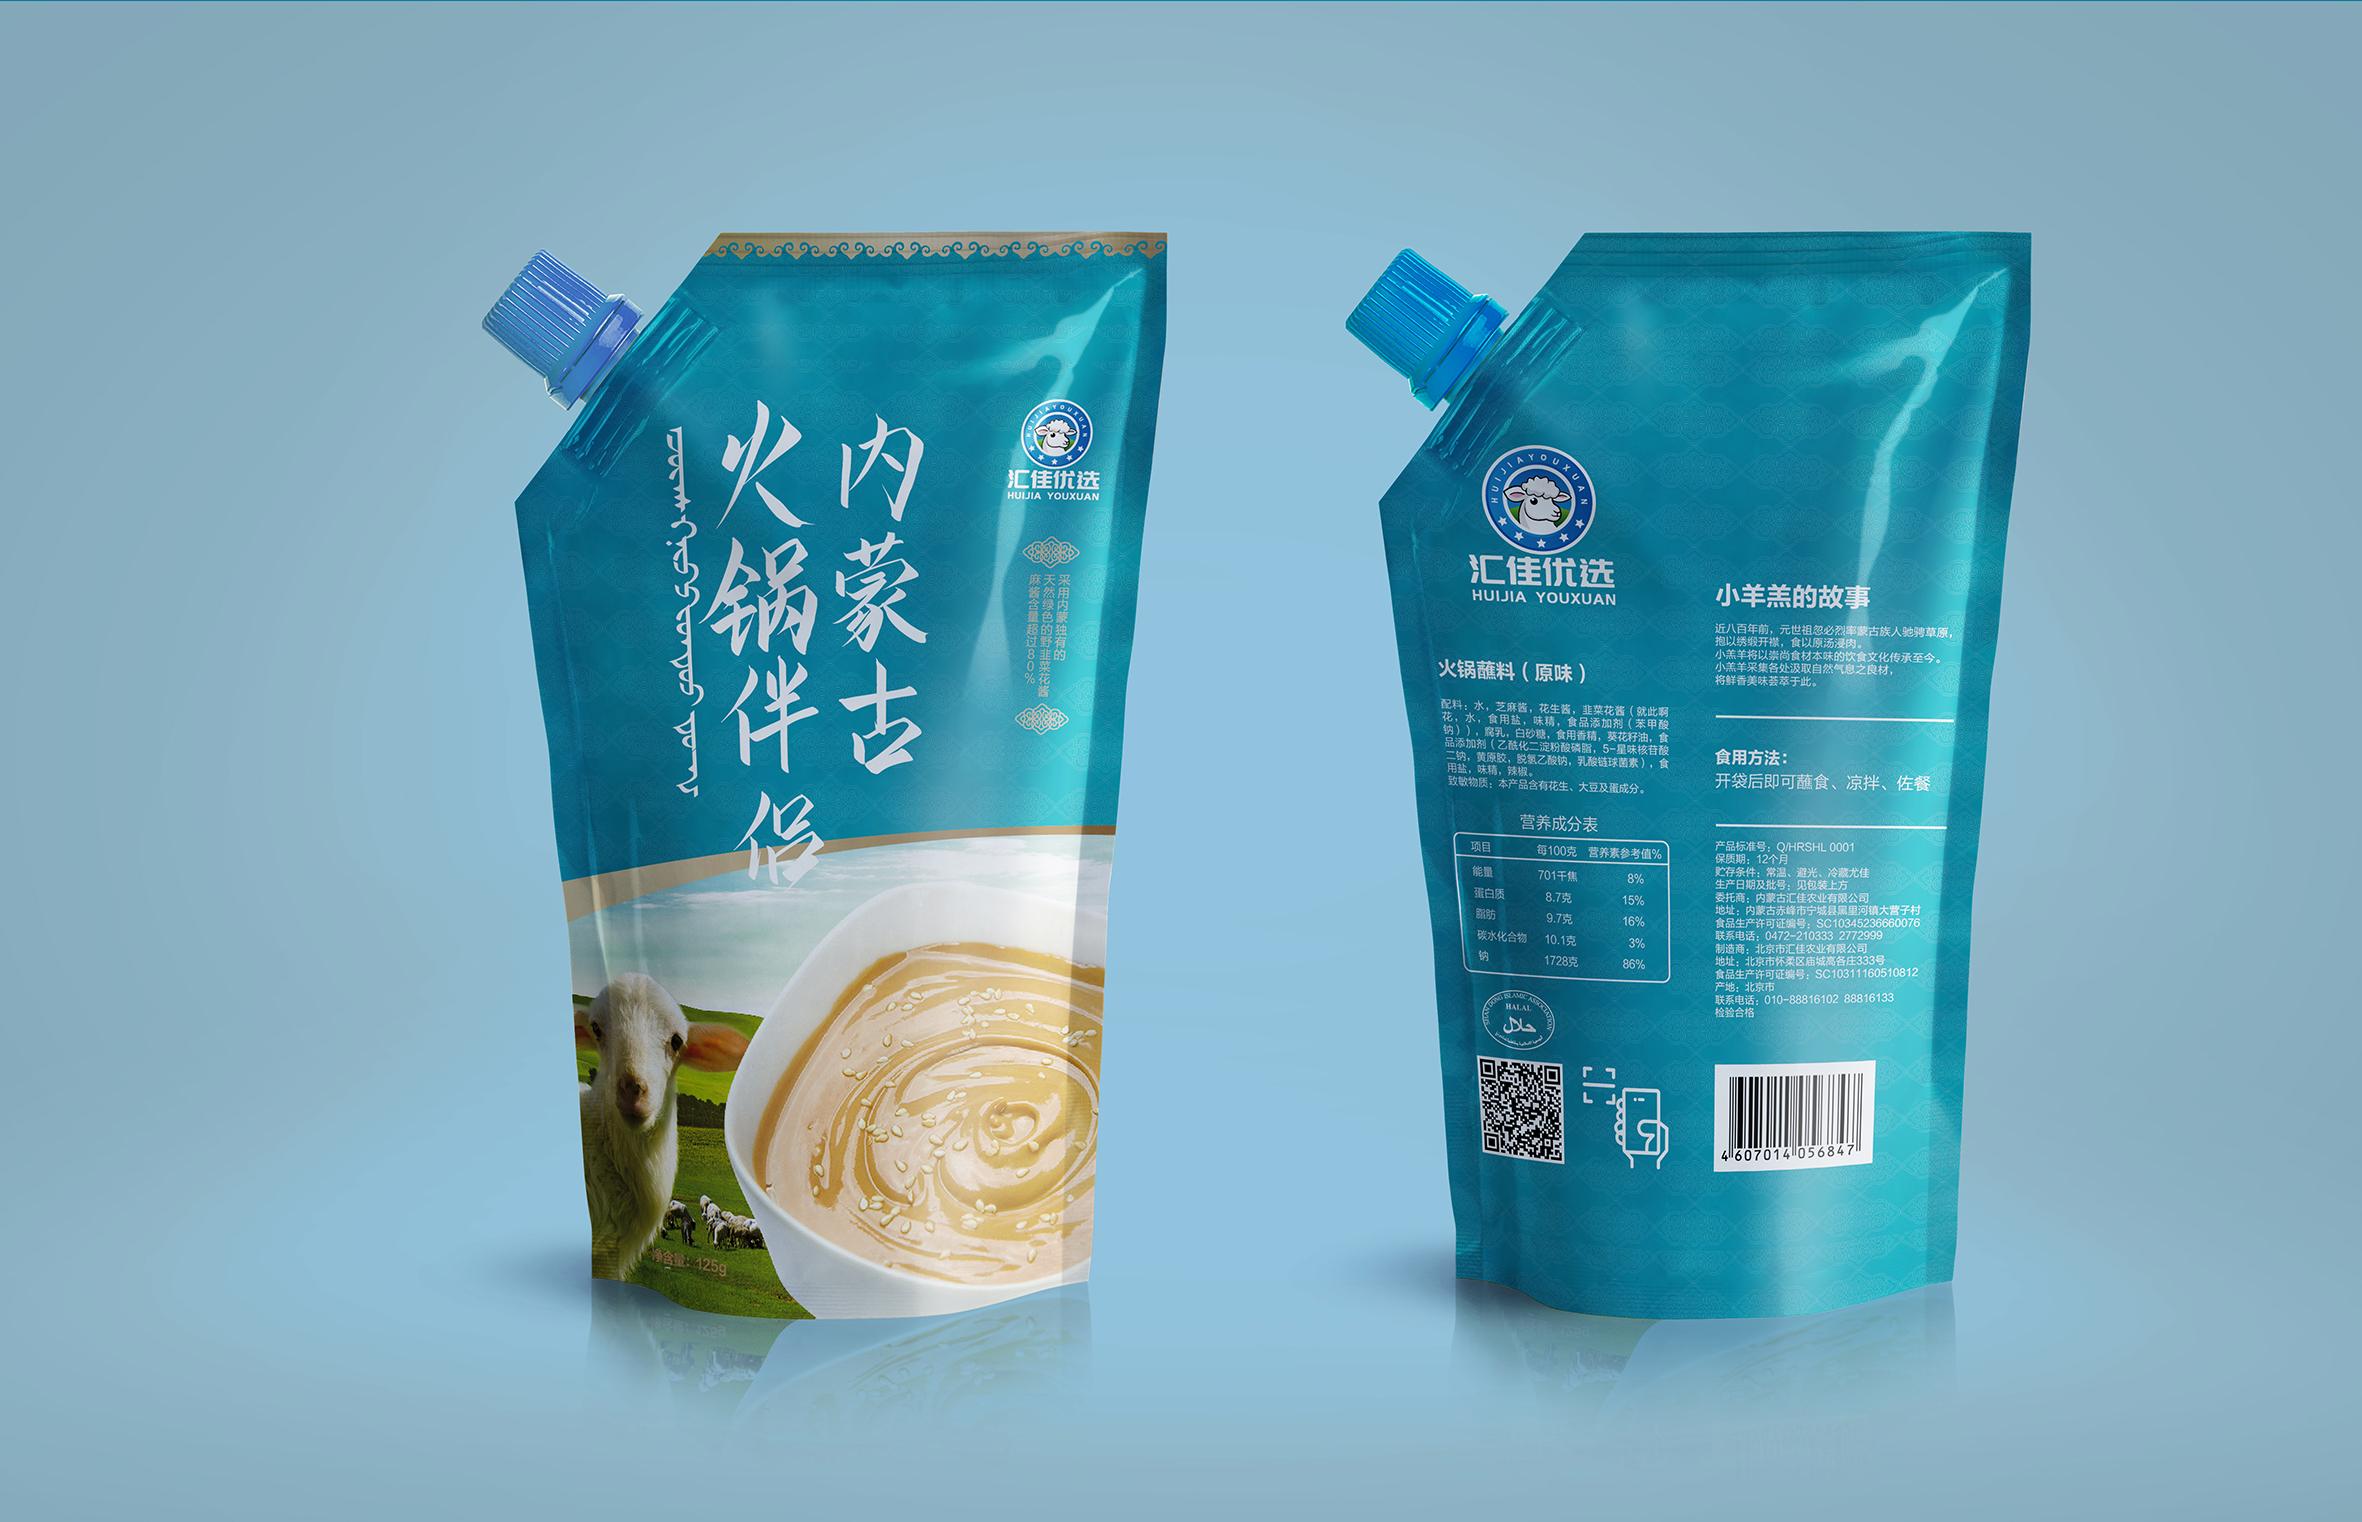 匯佳優選麻醬食品品牌包裝設計